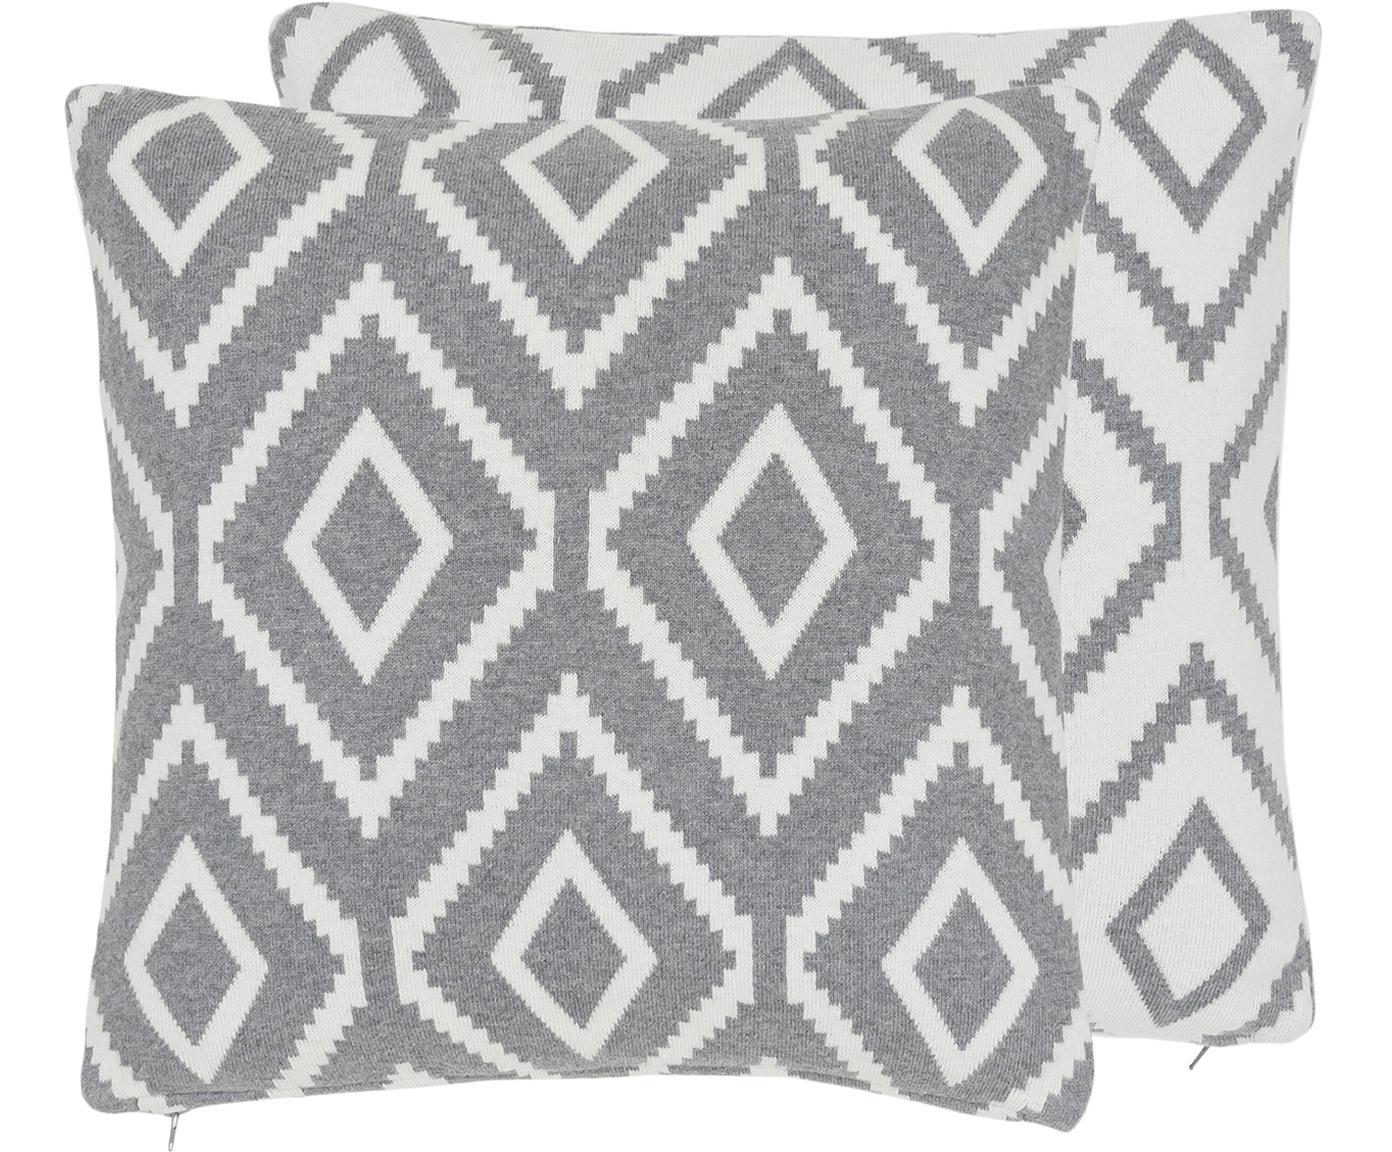 Federa arredo fatta a maglia reversibile Chuck, 100% cotone, Grigio melangiato, bianco crema, Larg. 40 x Lung. 40 cm